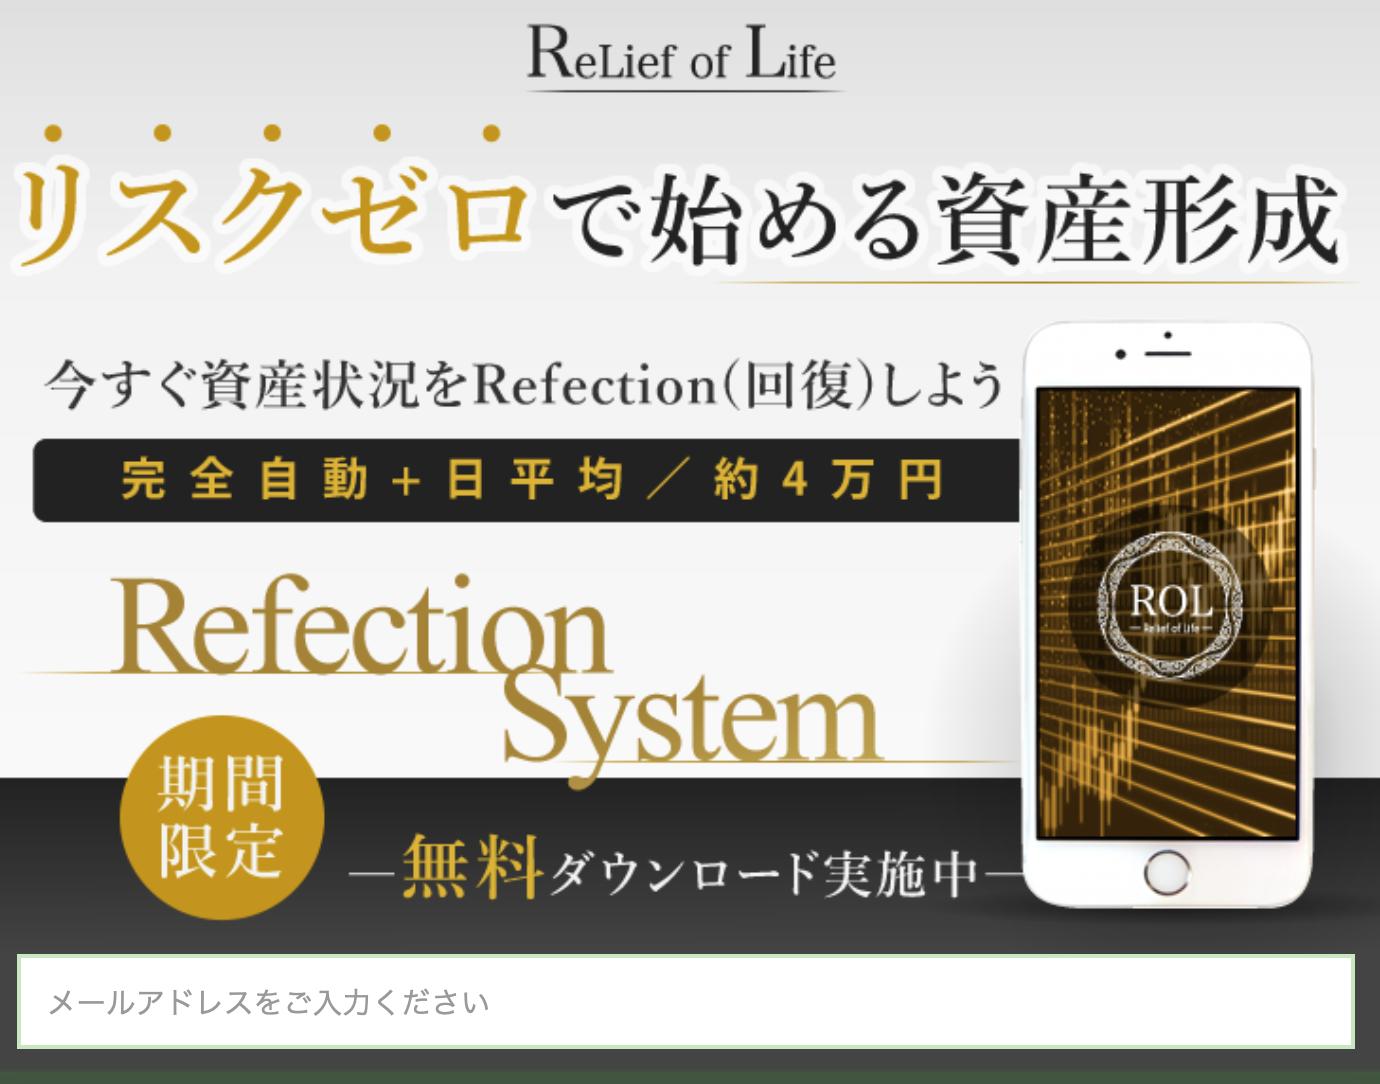 矢島哲人 Relief of Life(リリーフオブライフ)って一体なに?稼げるのか? 評判 口コミ 詐欺 返金 ネットビジネス裁判官が独自の視点で検証していきます。